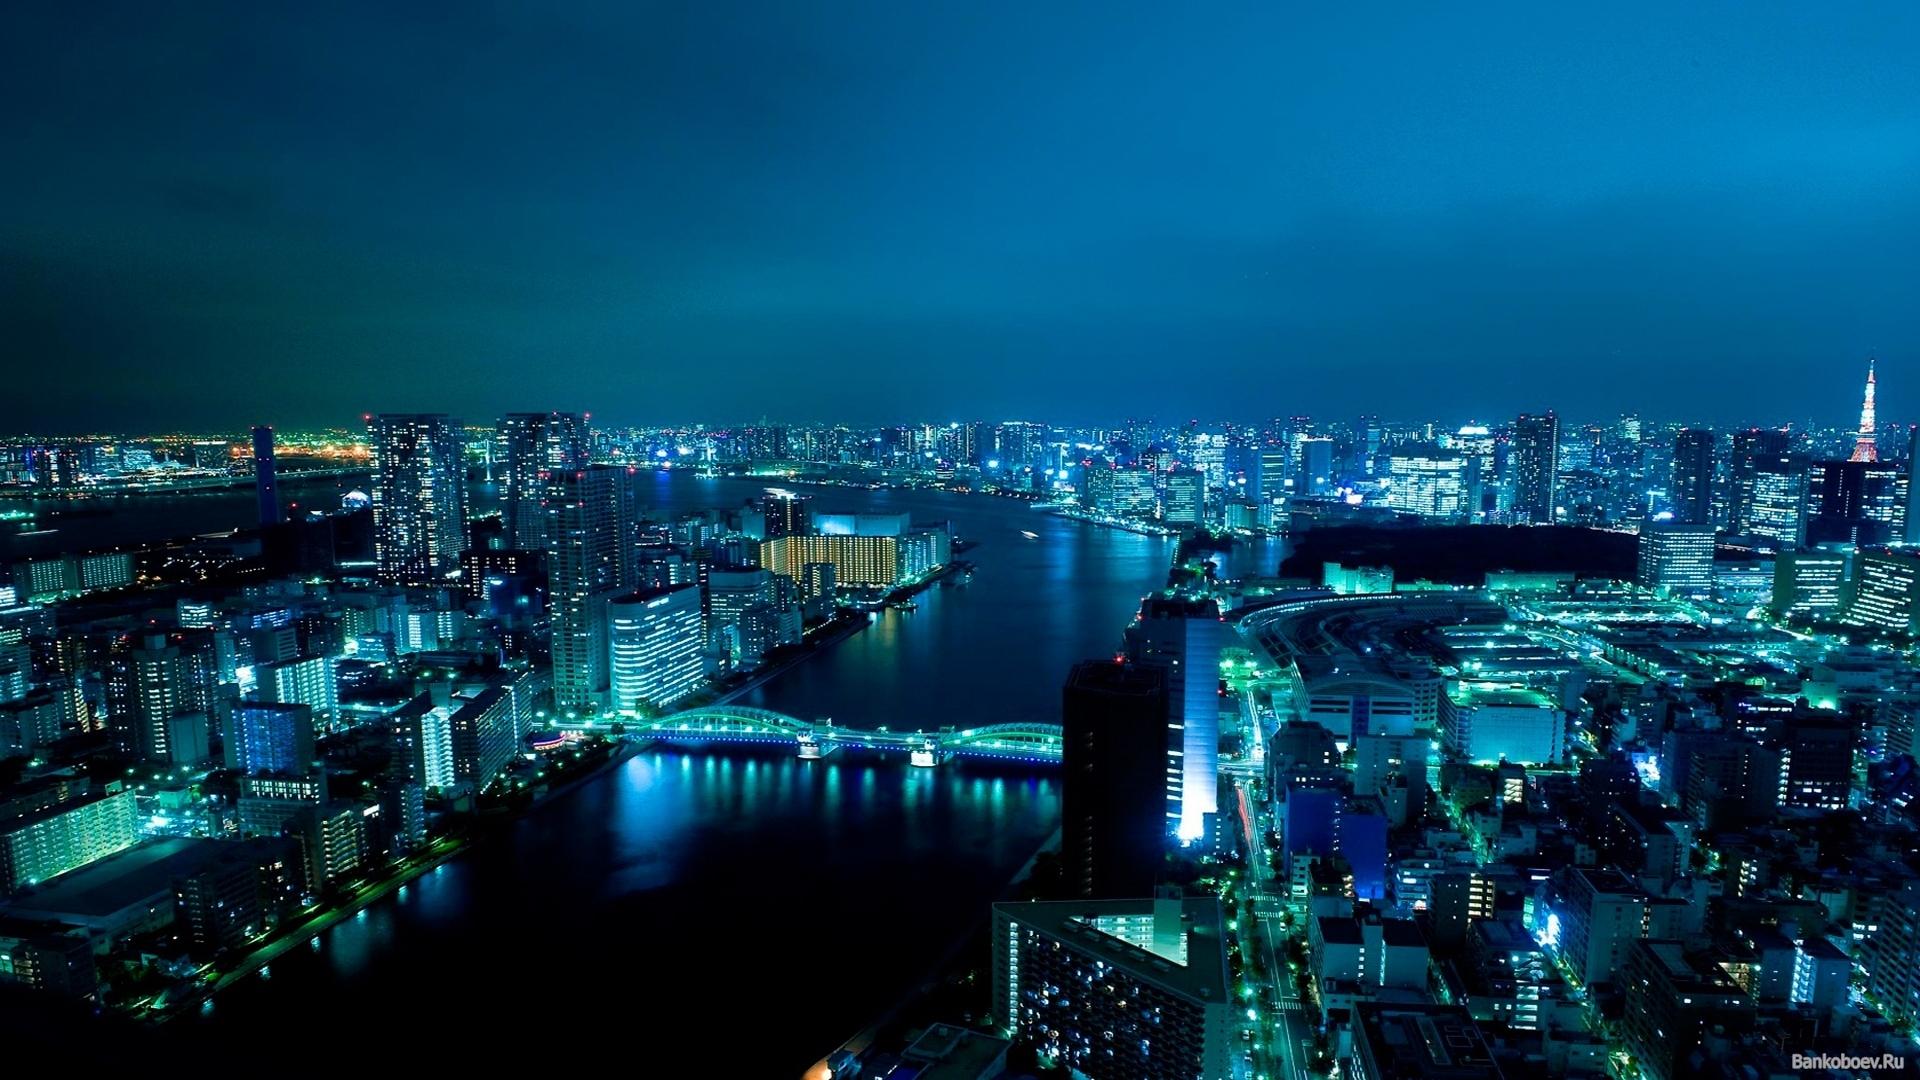 14315 скачать обои Пейзаж, Города, Река, Ночь - заставки и картинки бесплатно